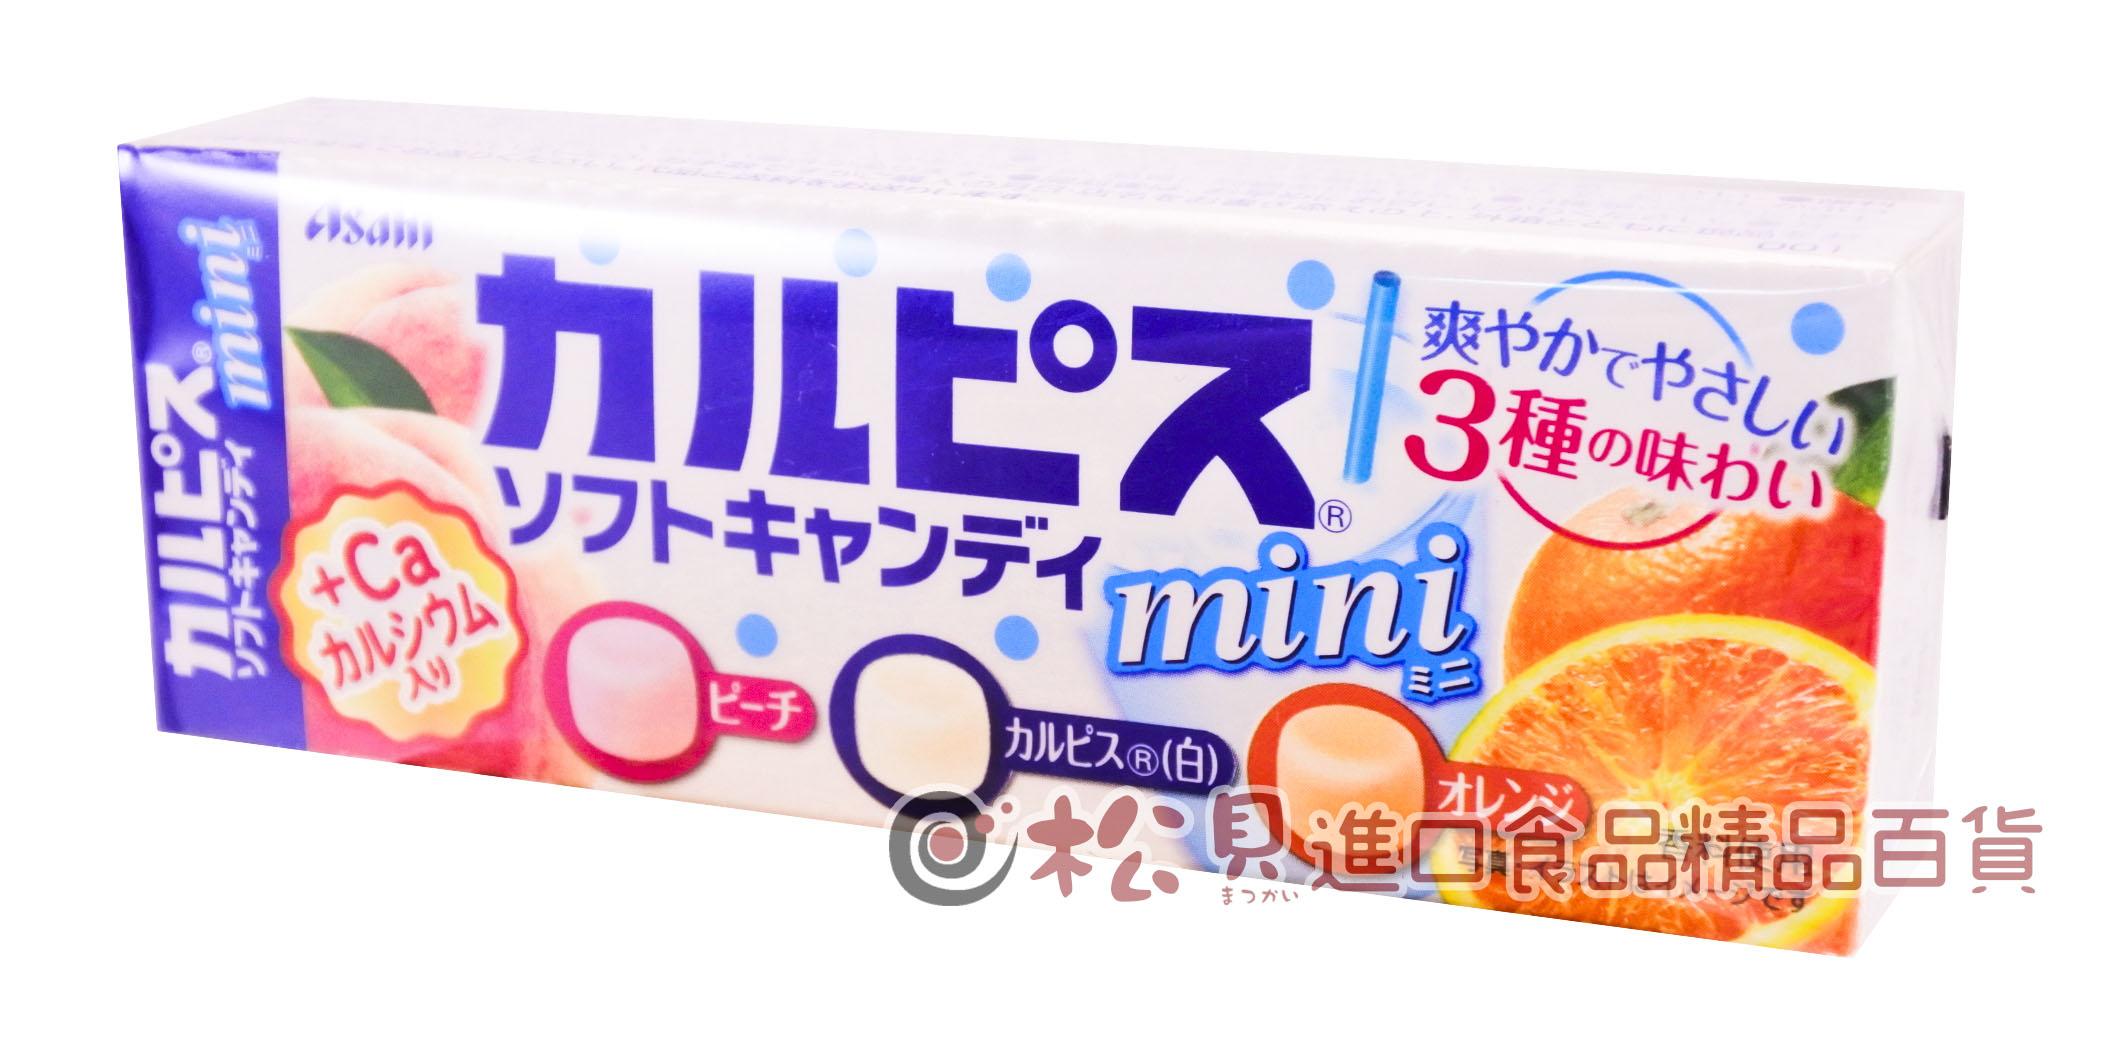 朝日可爾必思3味軟糖40g【4946842525409】.jpg